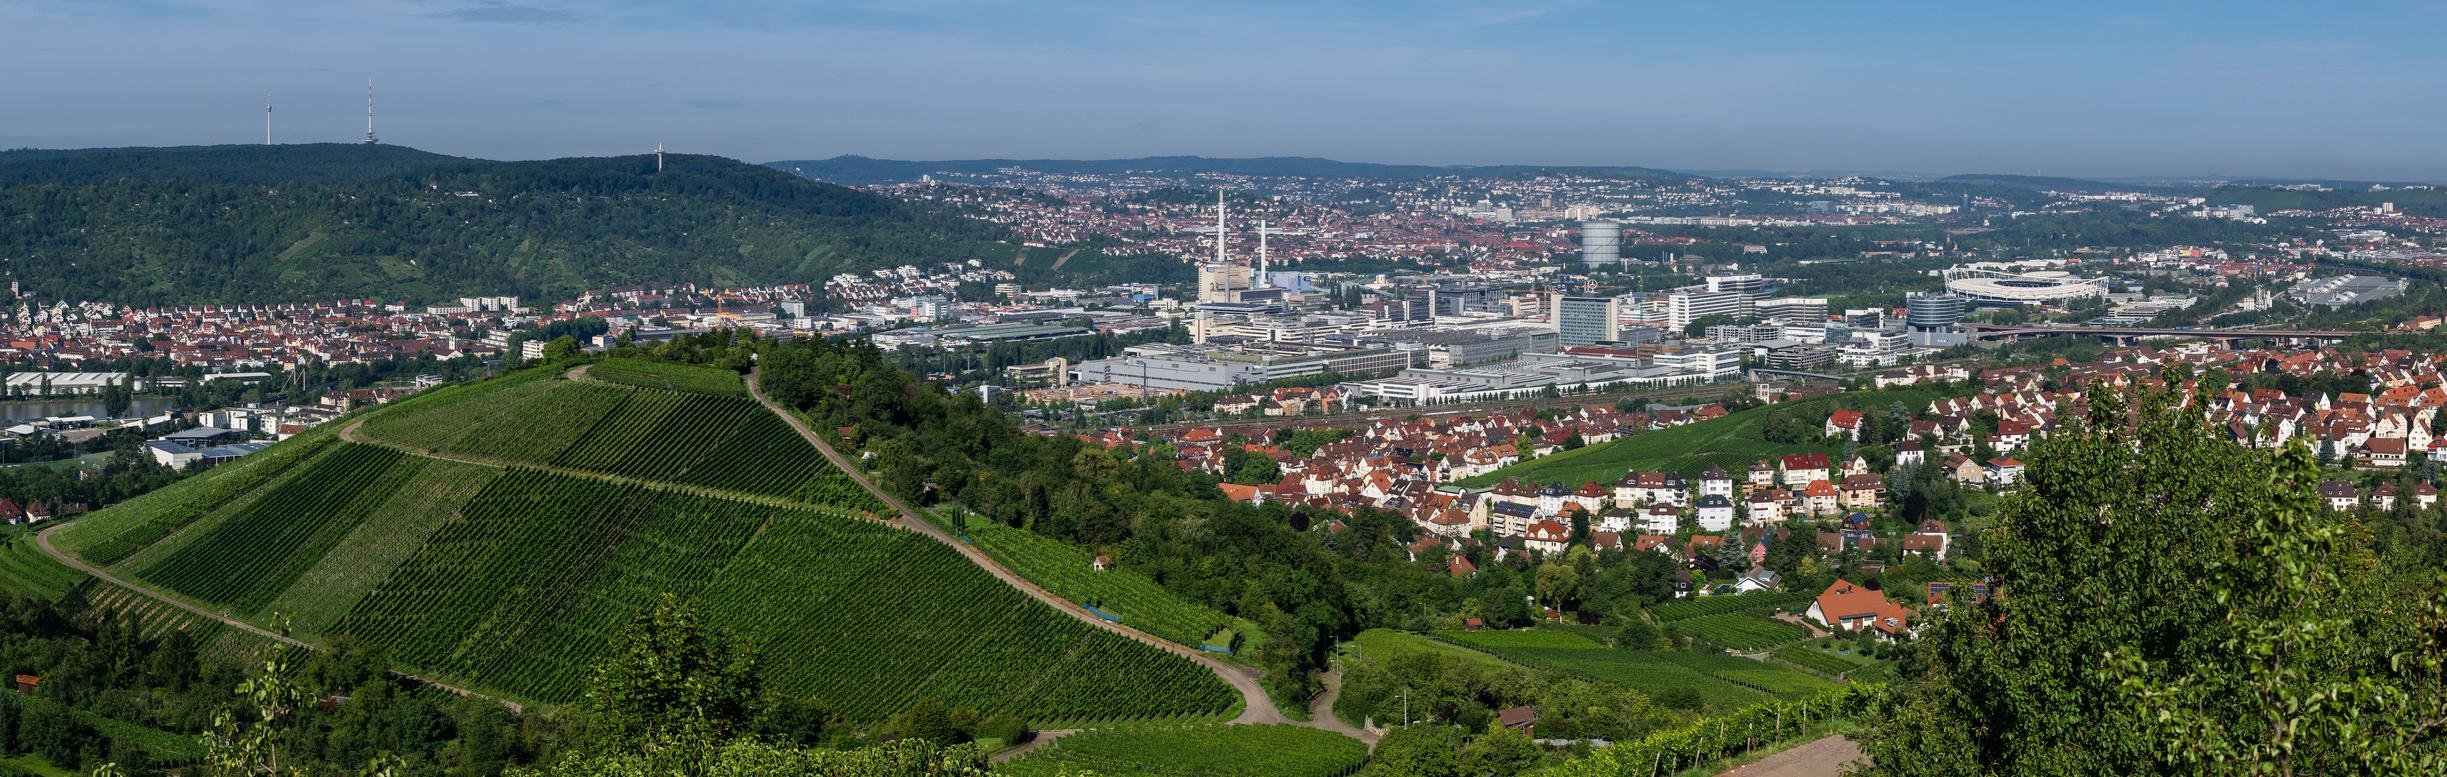 WJ Region Stuttgart